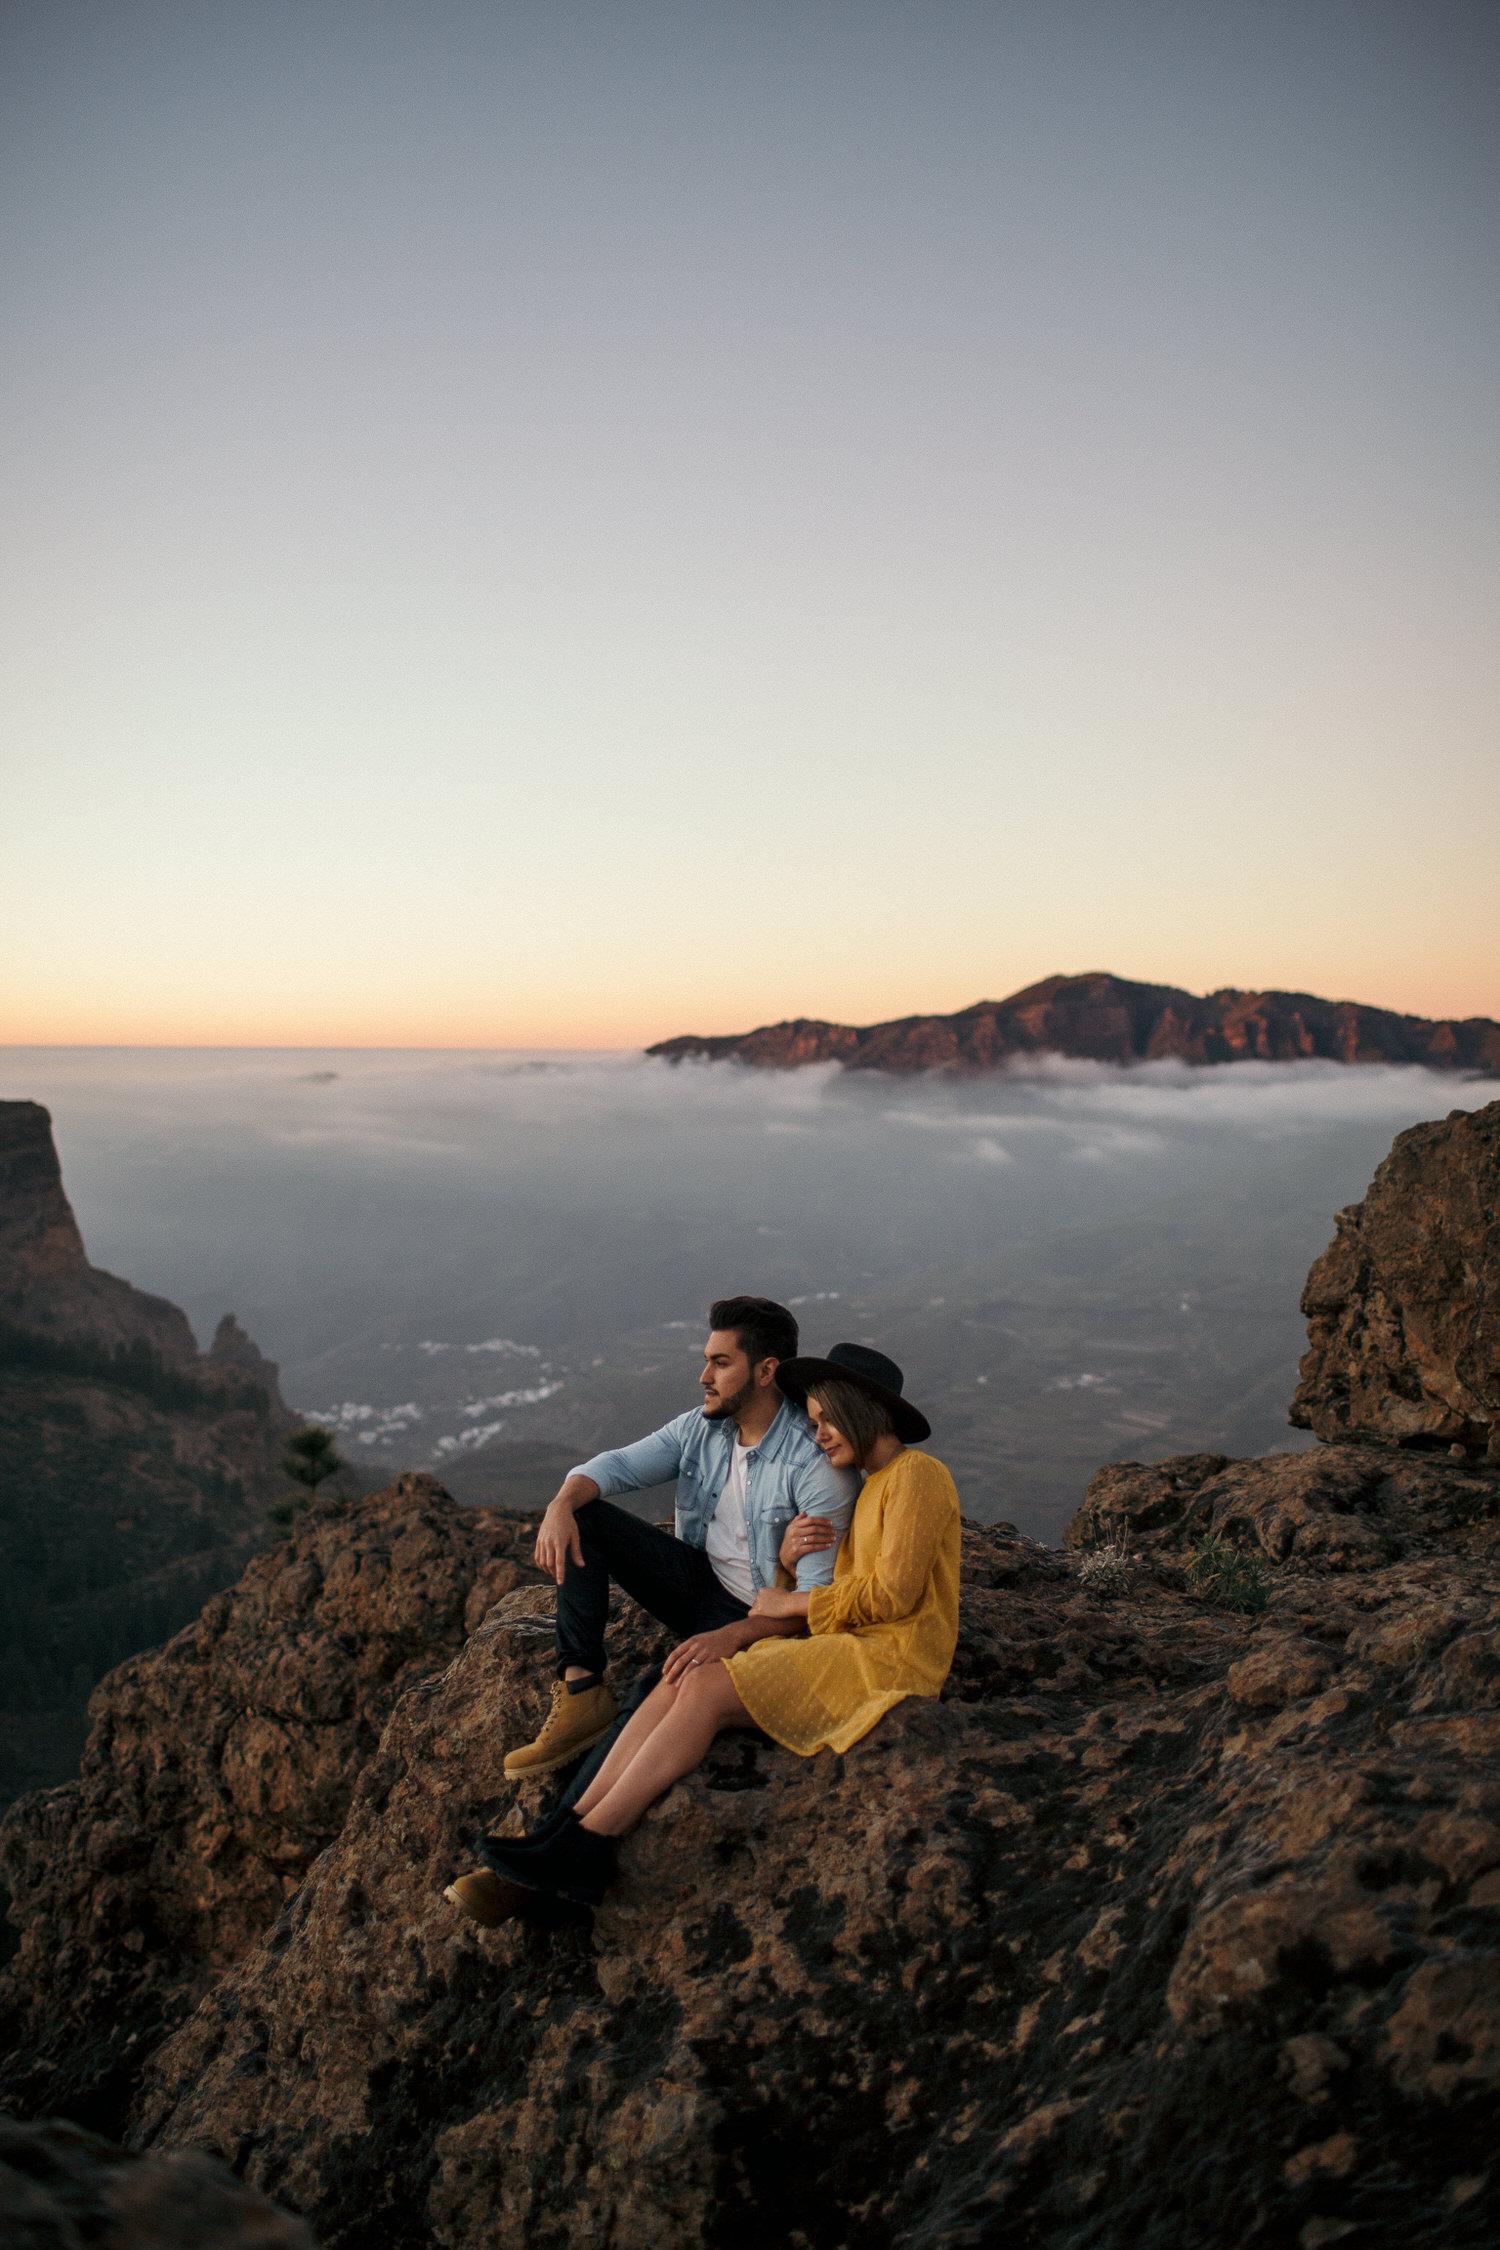 DestinationHochzeit-HochzeitsfotografToskana-Italien-Spanien-Portugal